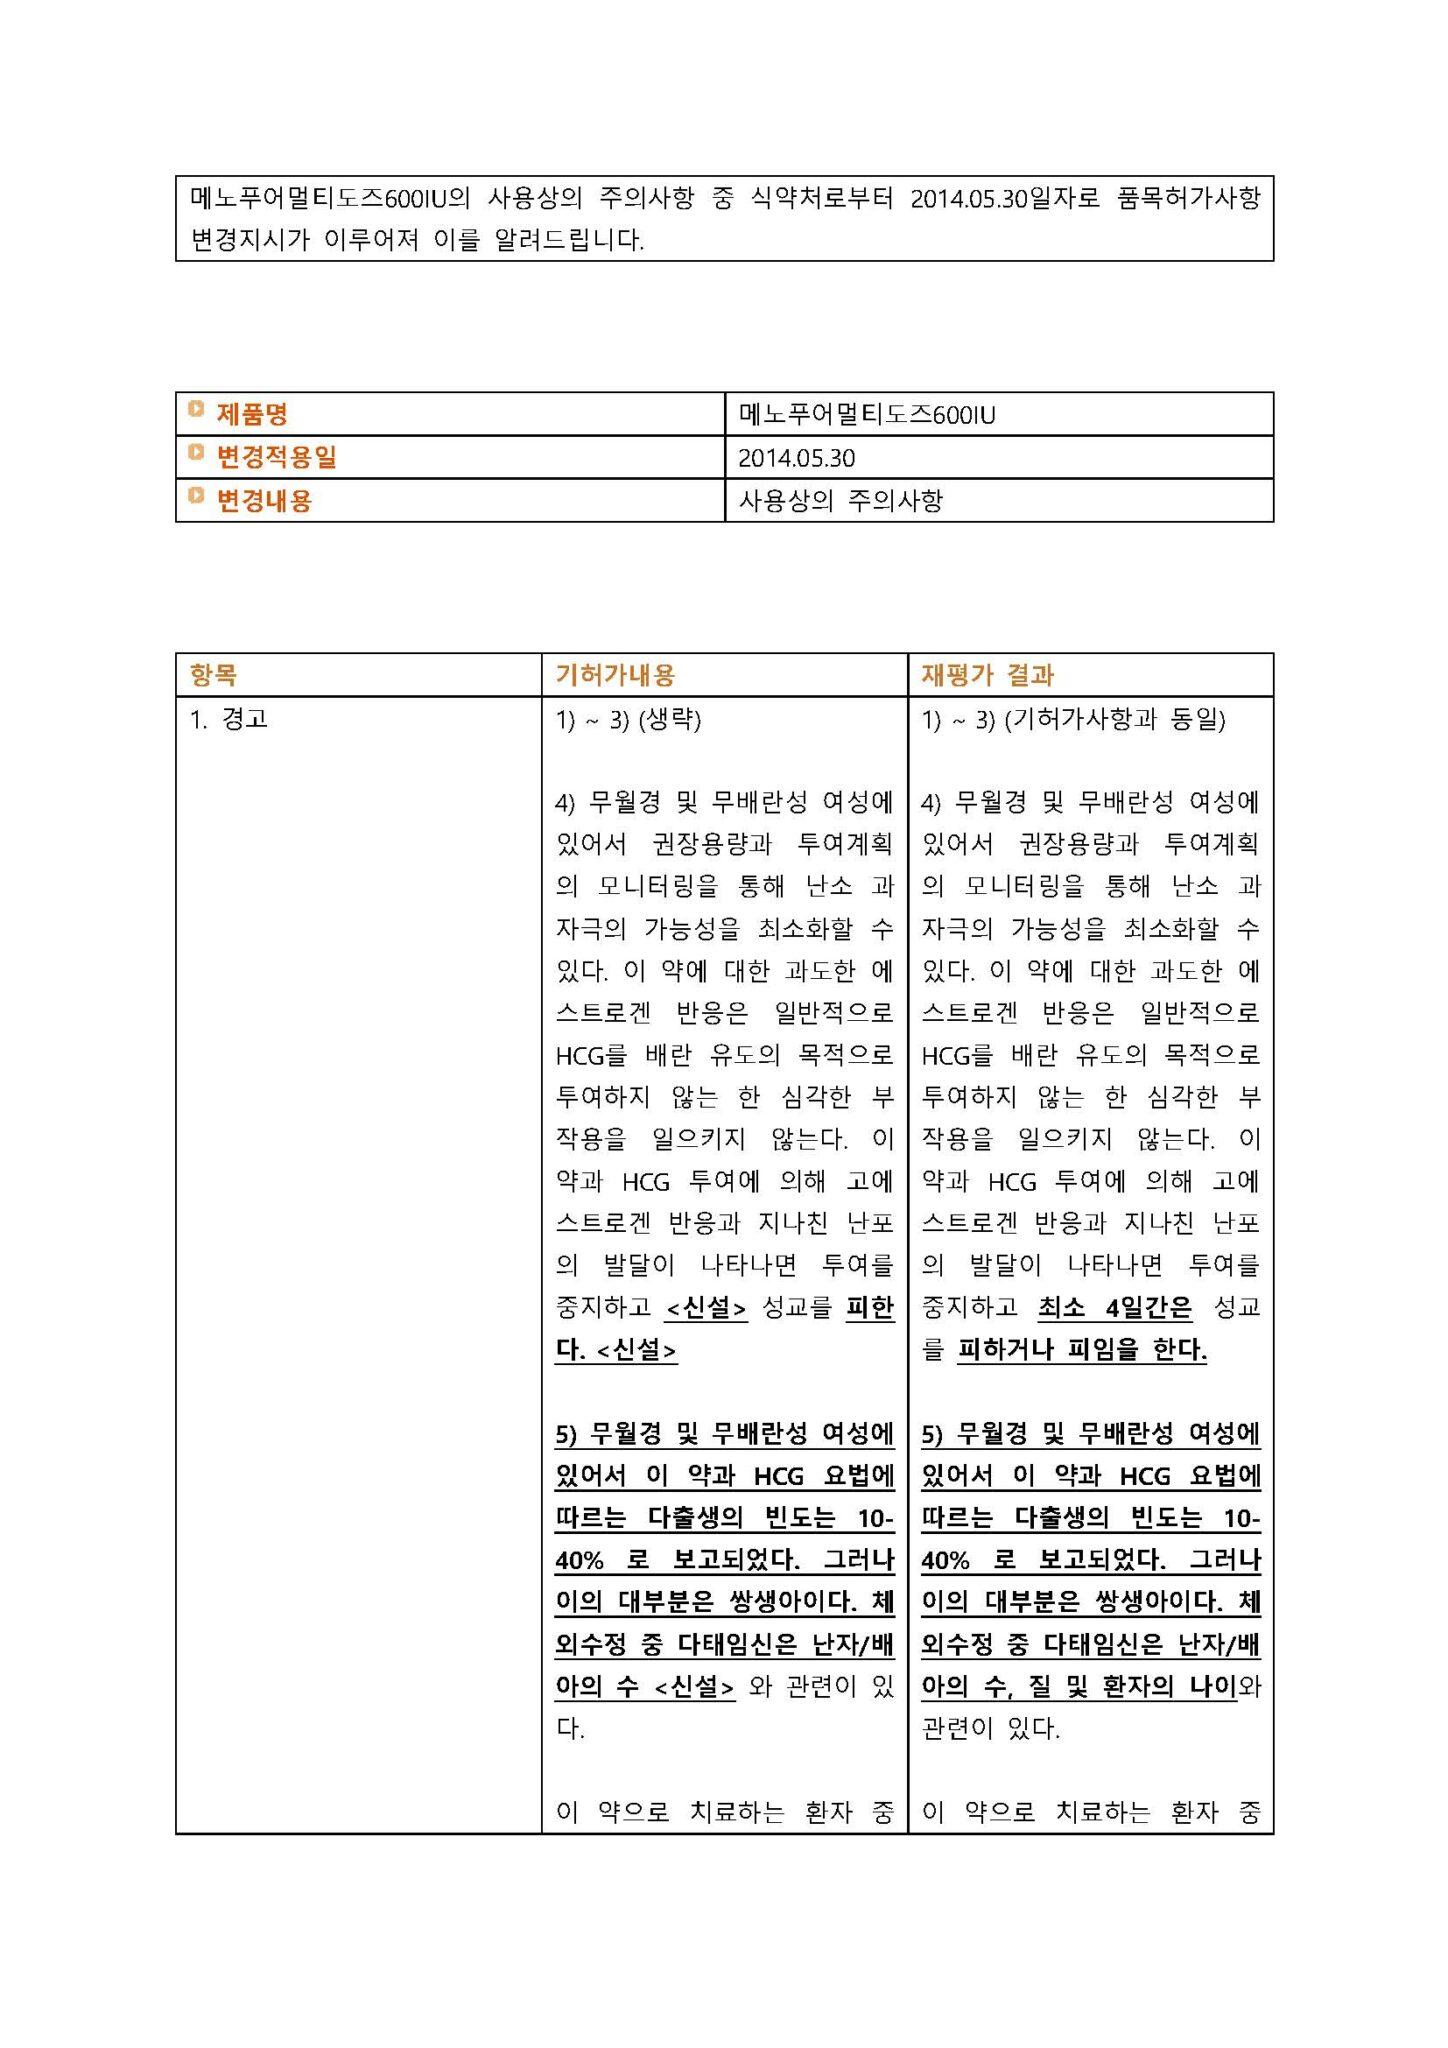 메노푸어멀티도즈600IU 변경일 2014.05.30